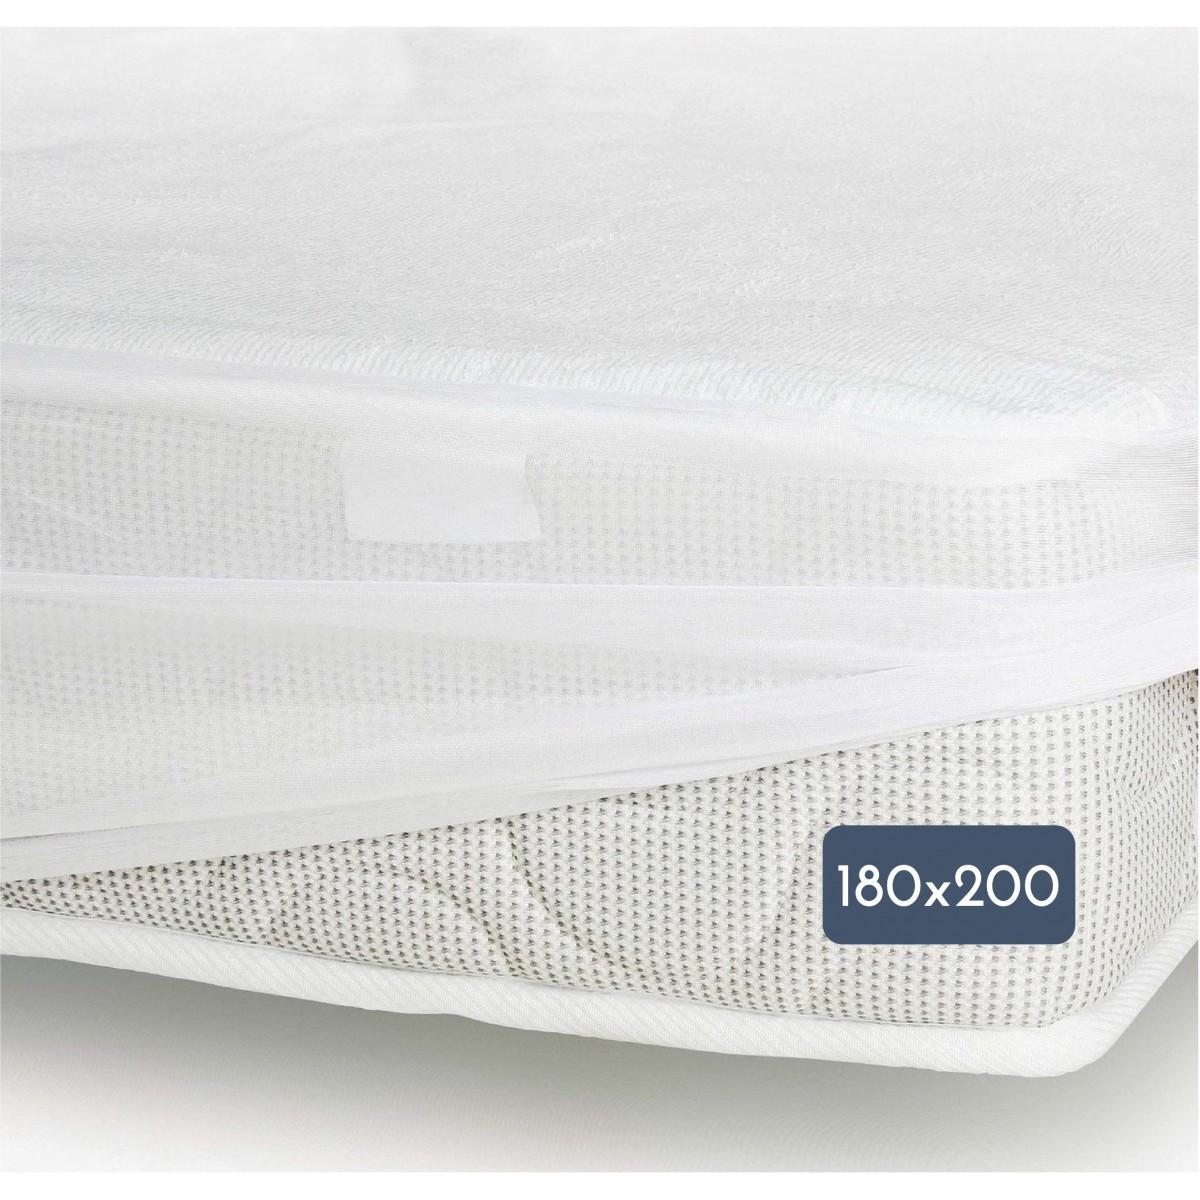 Protège Matelas Mixte Bambou Jersey Imperméabilisé Blanc 180x200cm